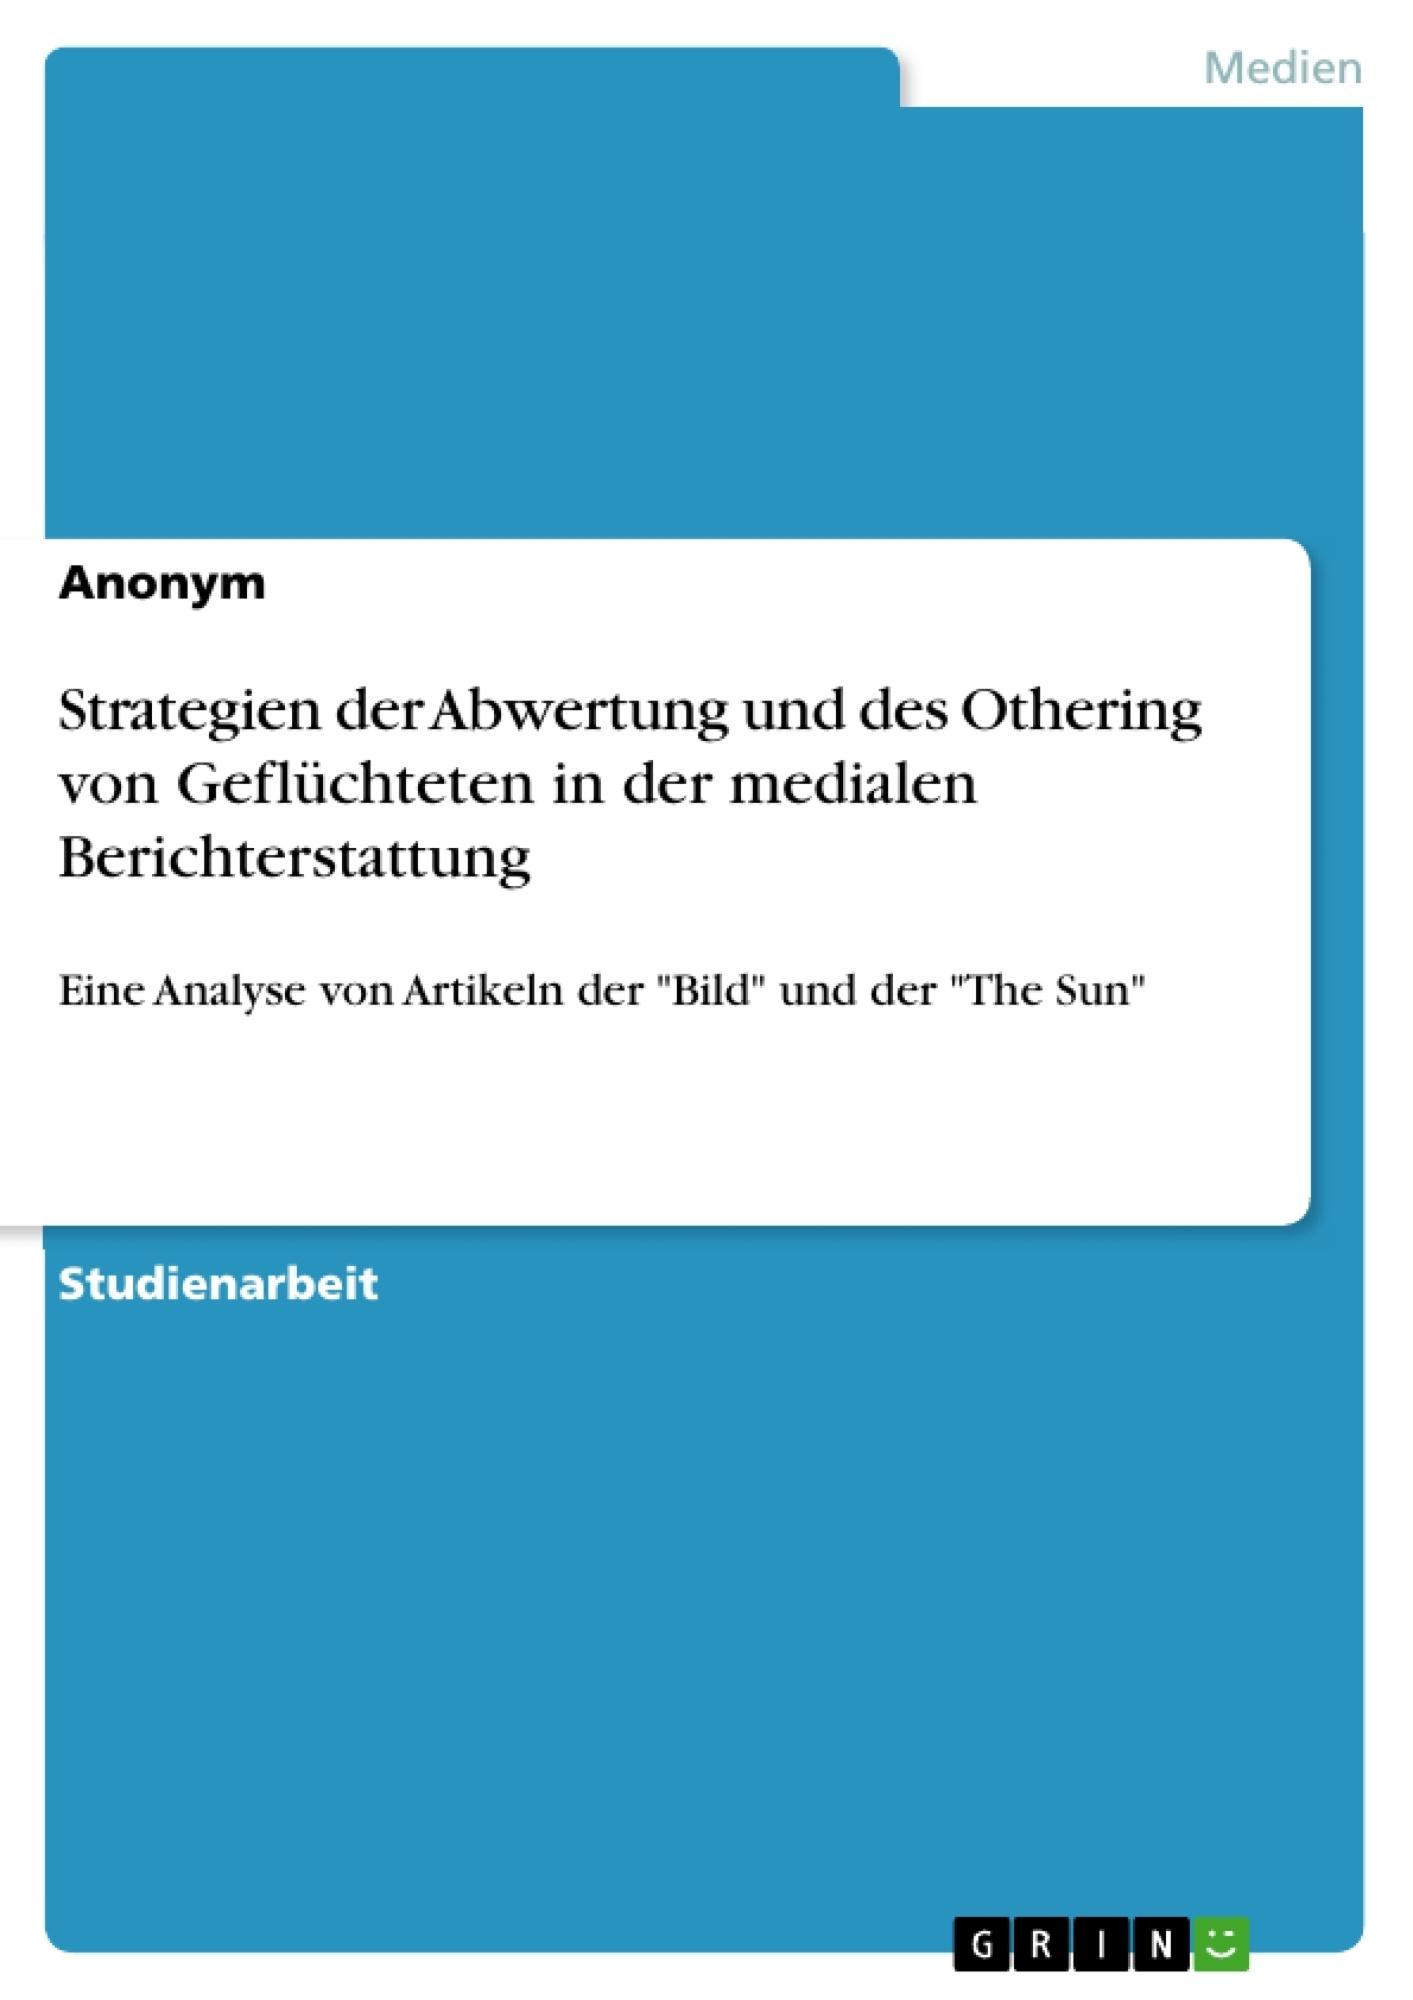 Titel: Strategien der Abwertung und des Othering von Geflüchteten in der medialen Berichterstattung